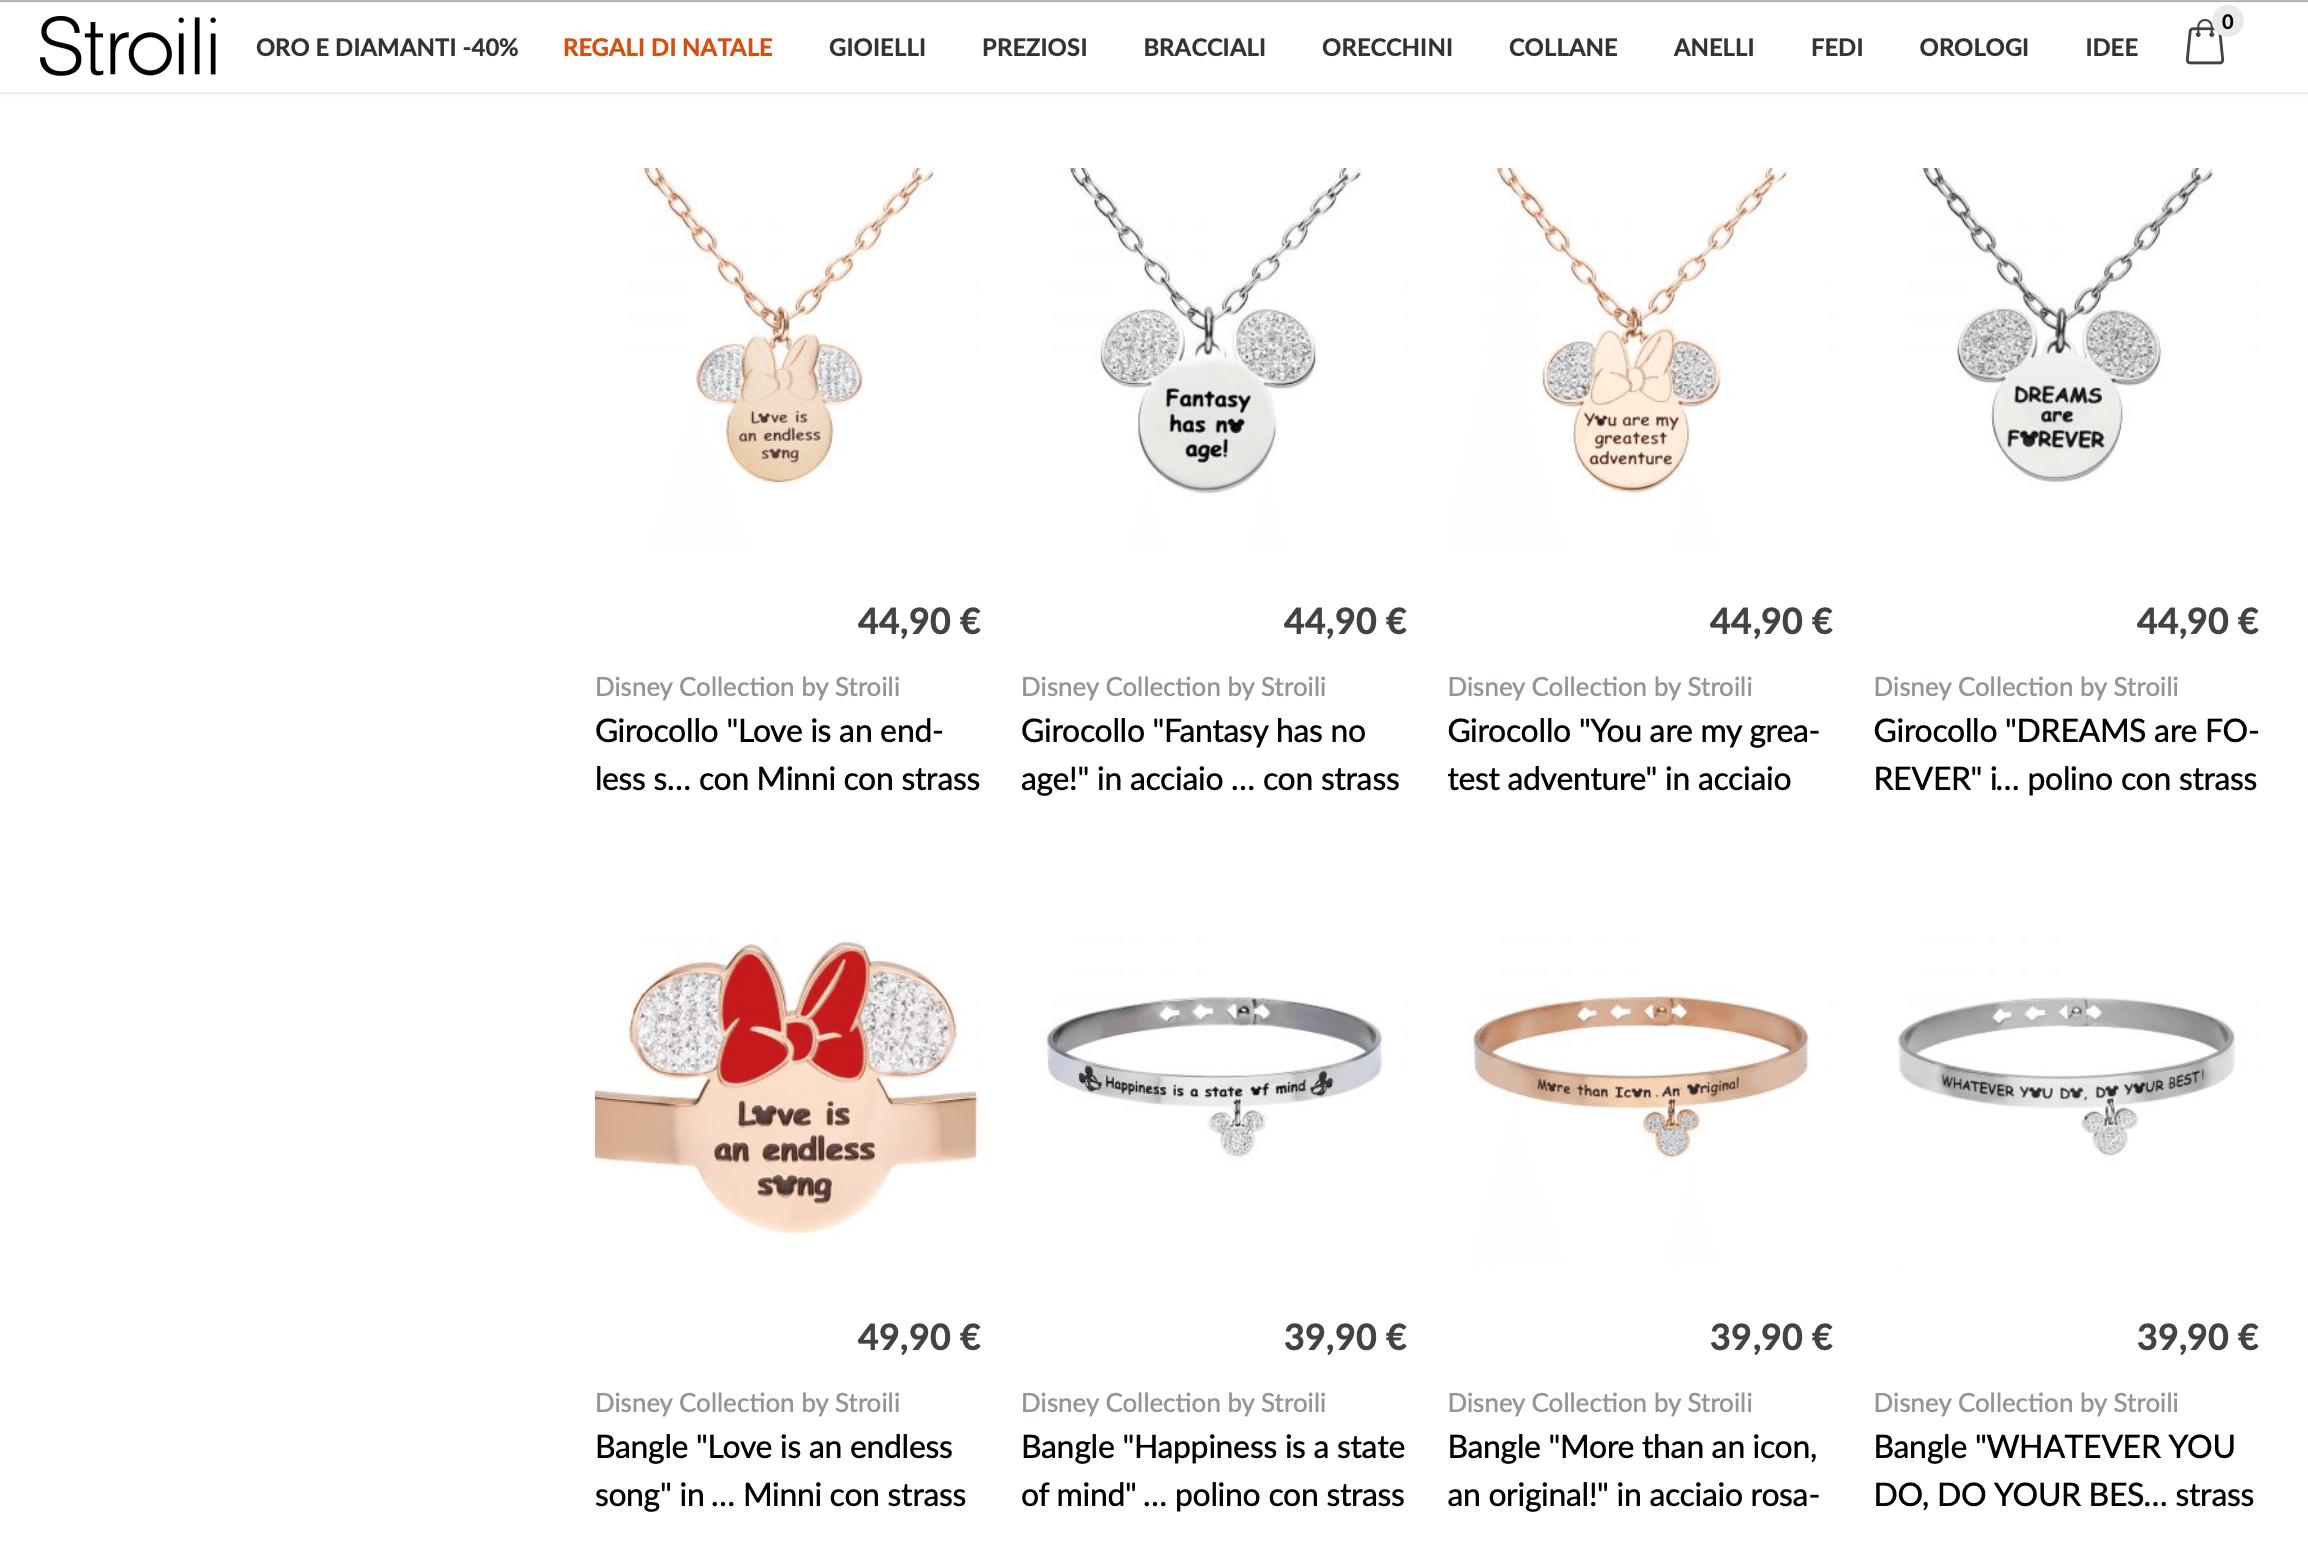 年销售2.2亿欧元的意大利轻奢珠宝品牌 Stroili 与迪士尼开展跨界联名